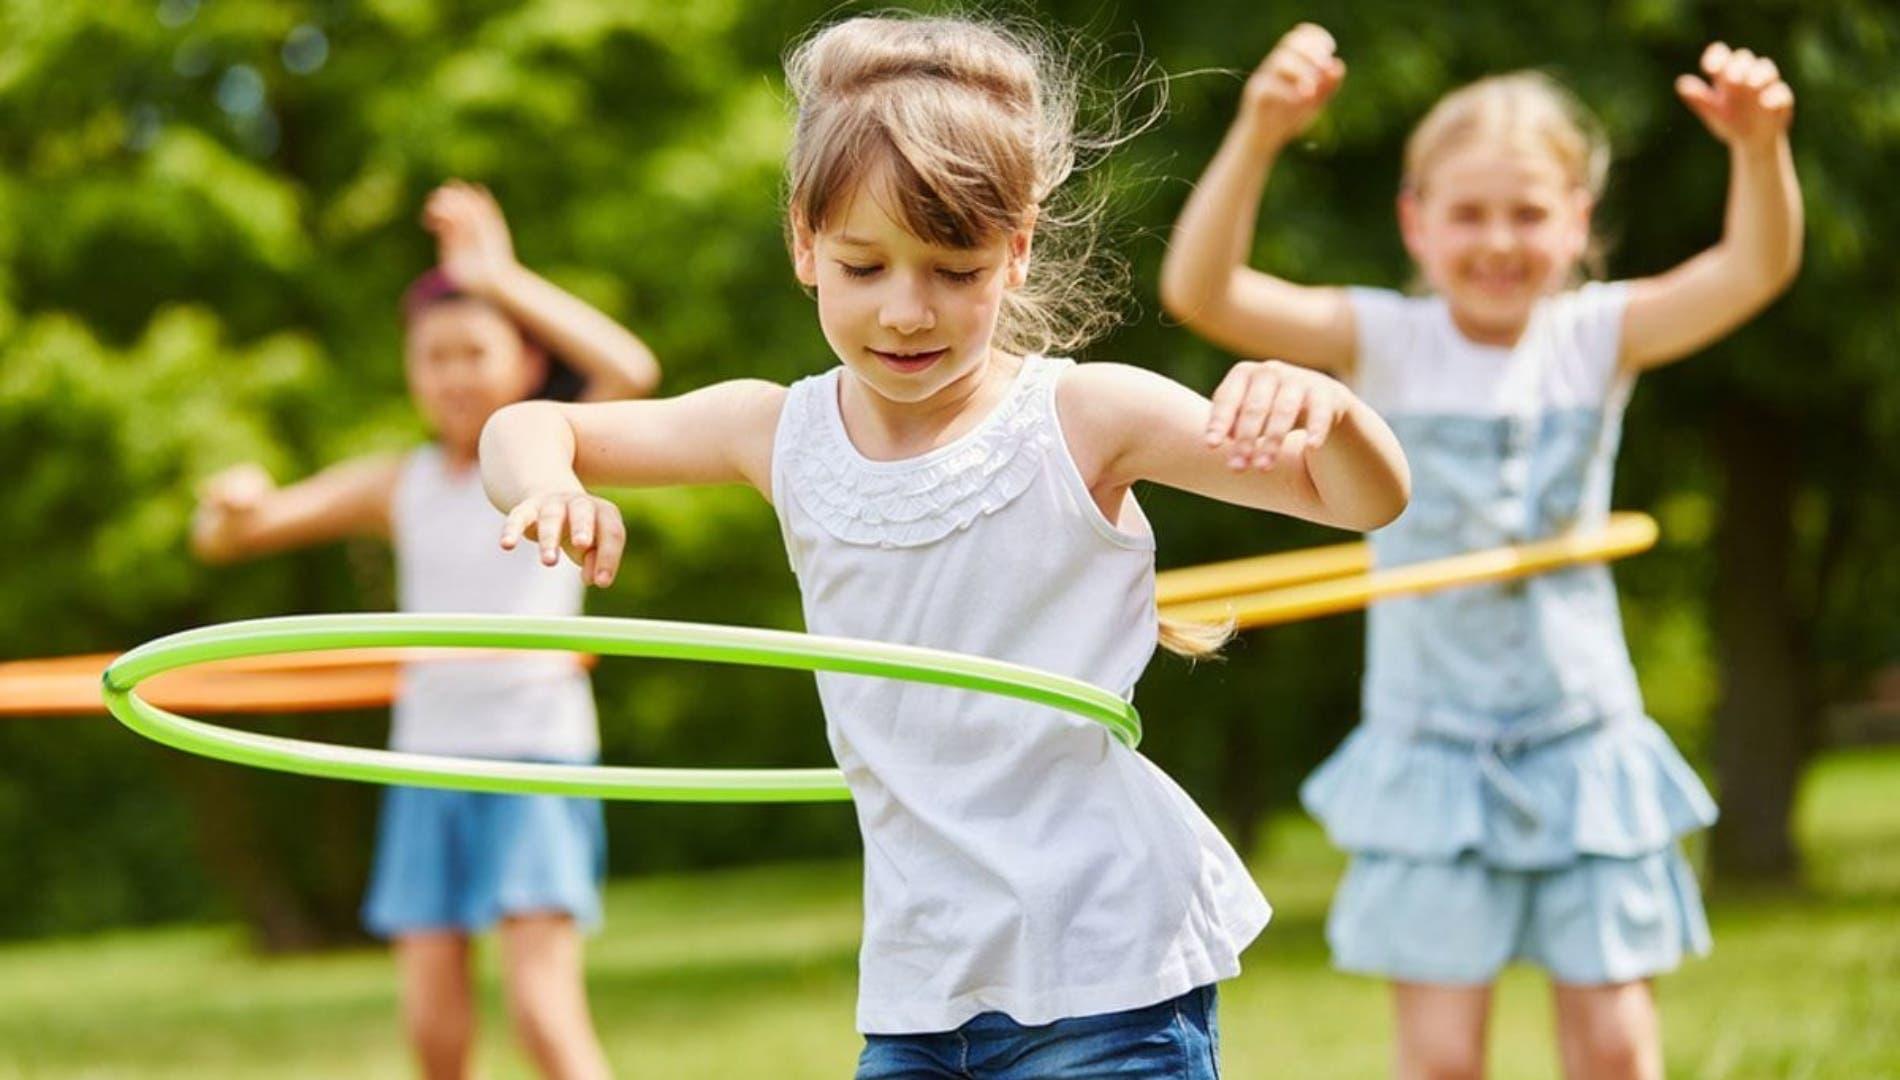 الآثار السلبية لممارسة الرياضة للأطفال